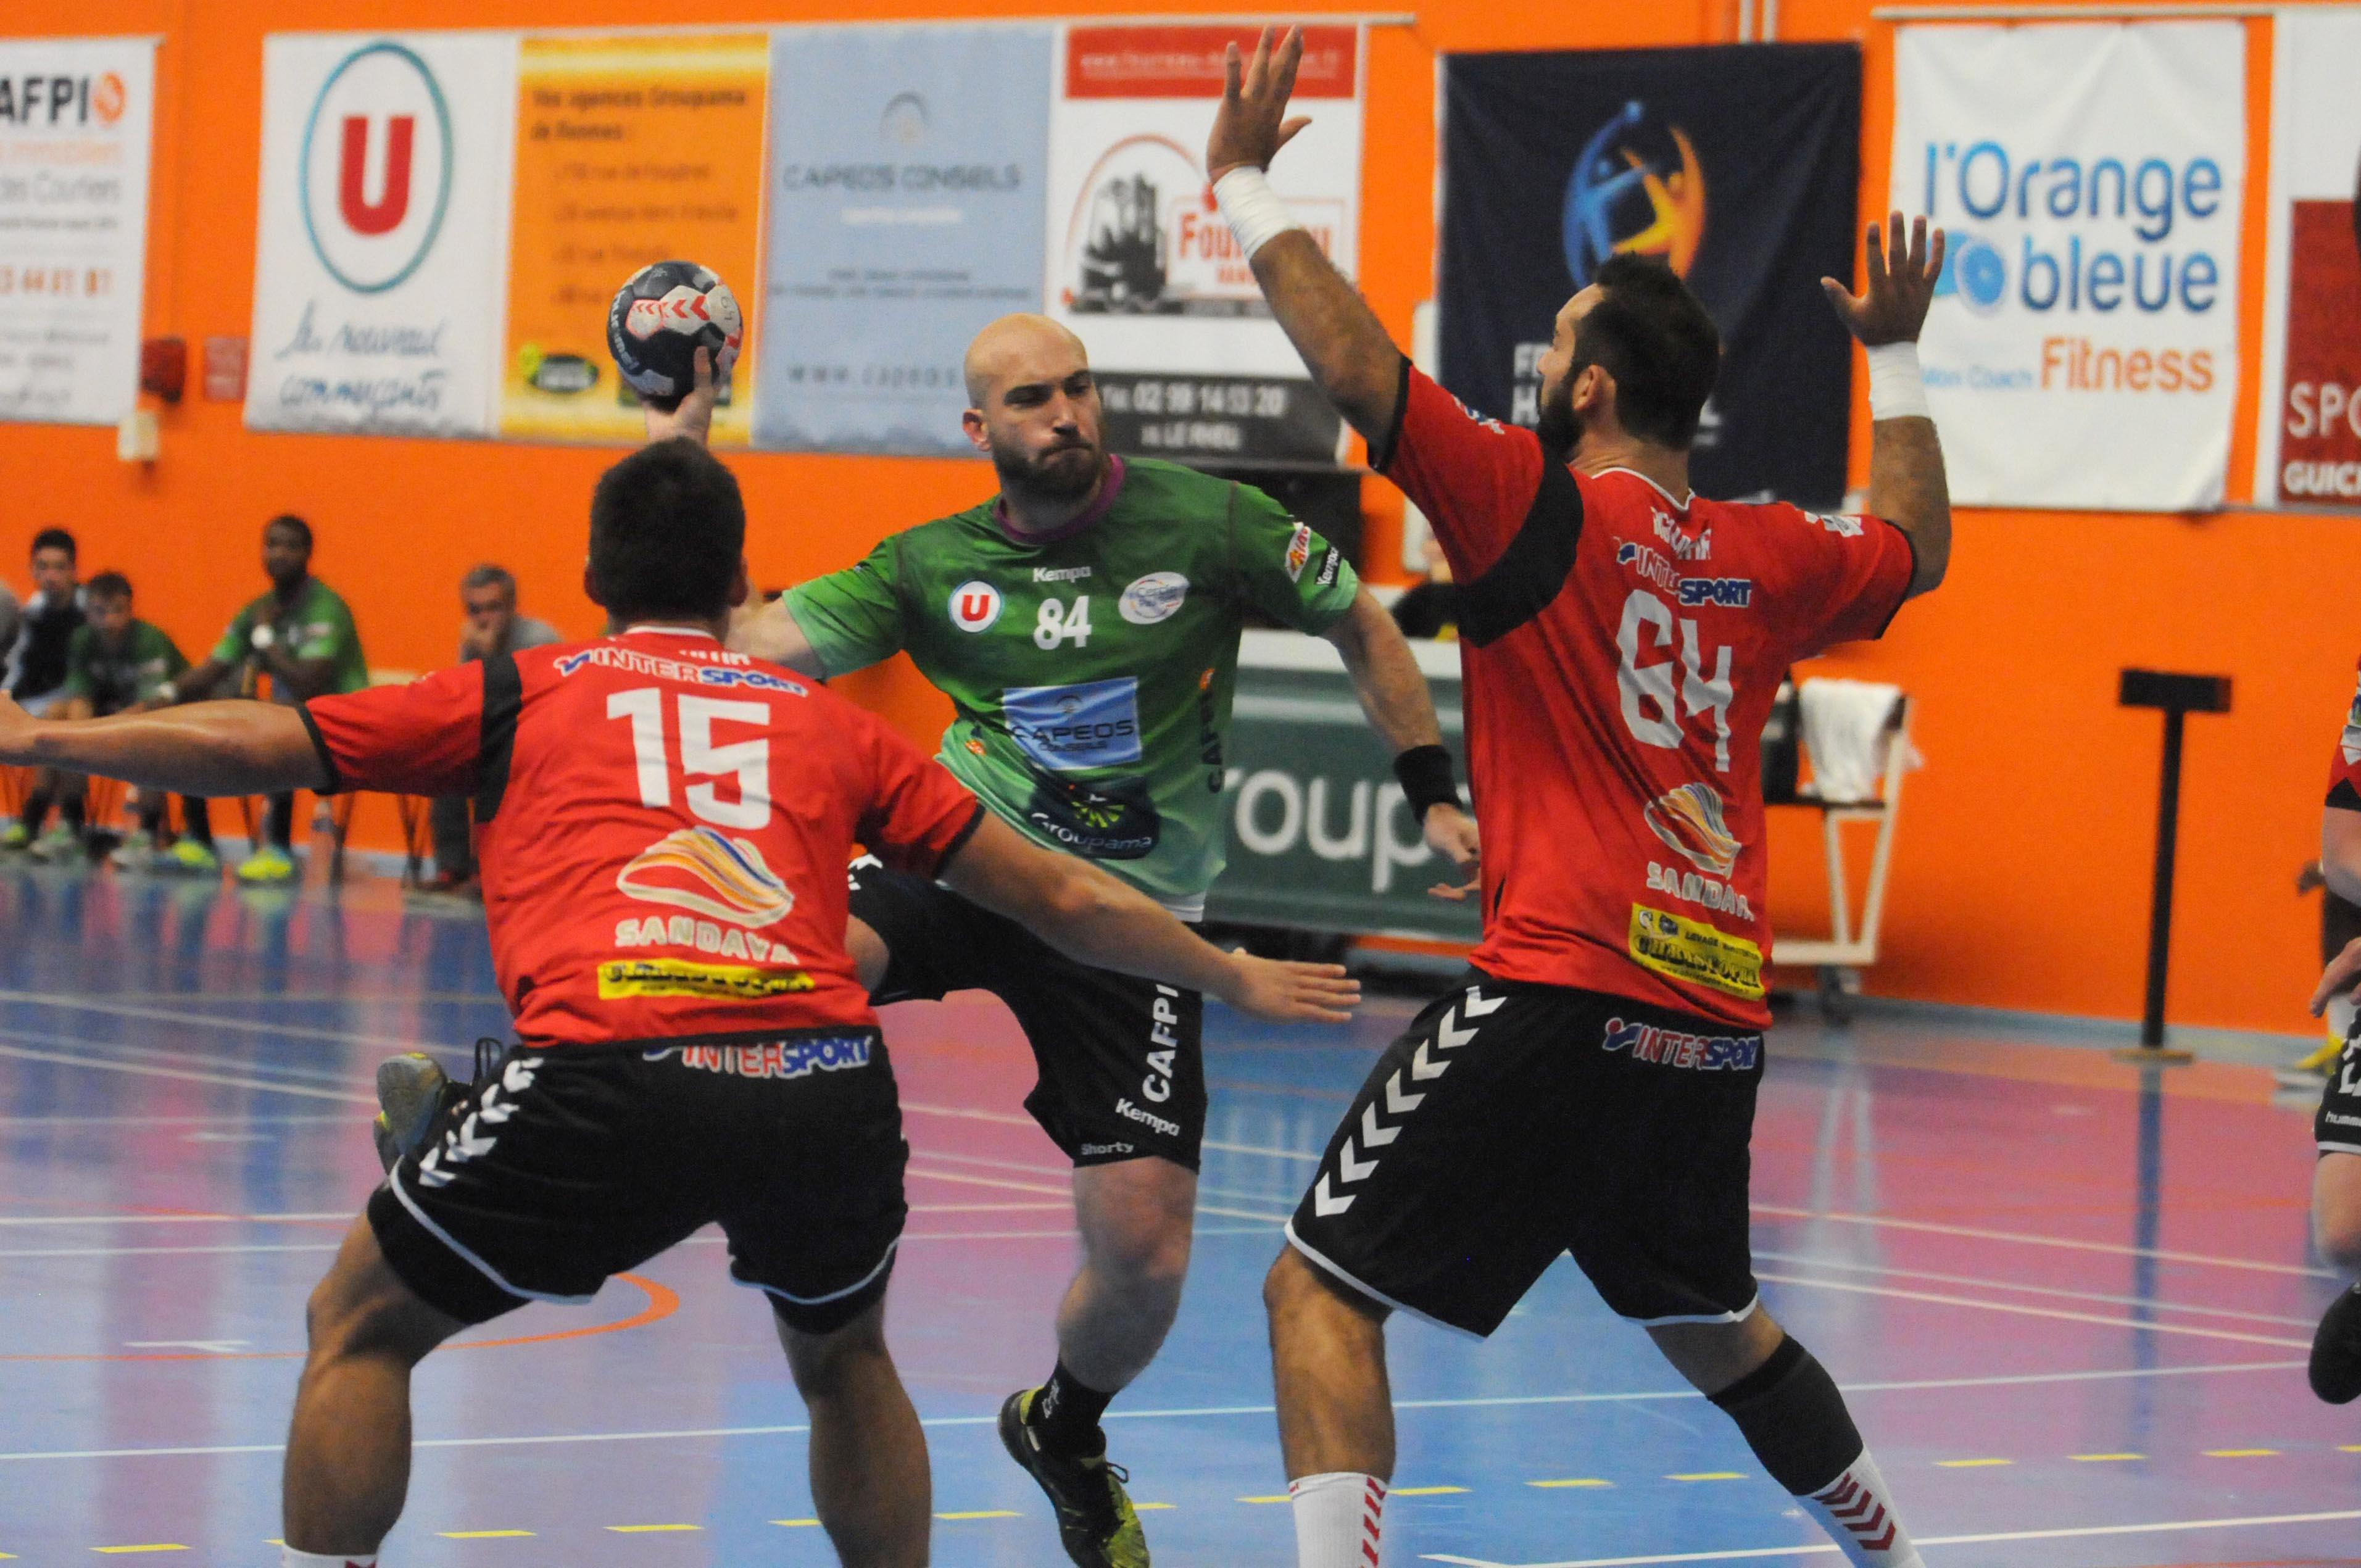 Handball 19/09/2015 N1M CPB Rennes - Caen Equipe : CPB Rennes Pierre Le Meur